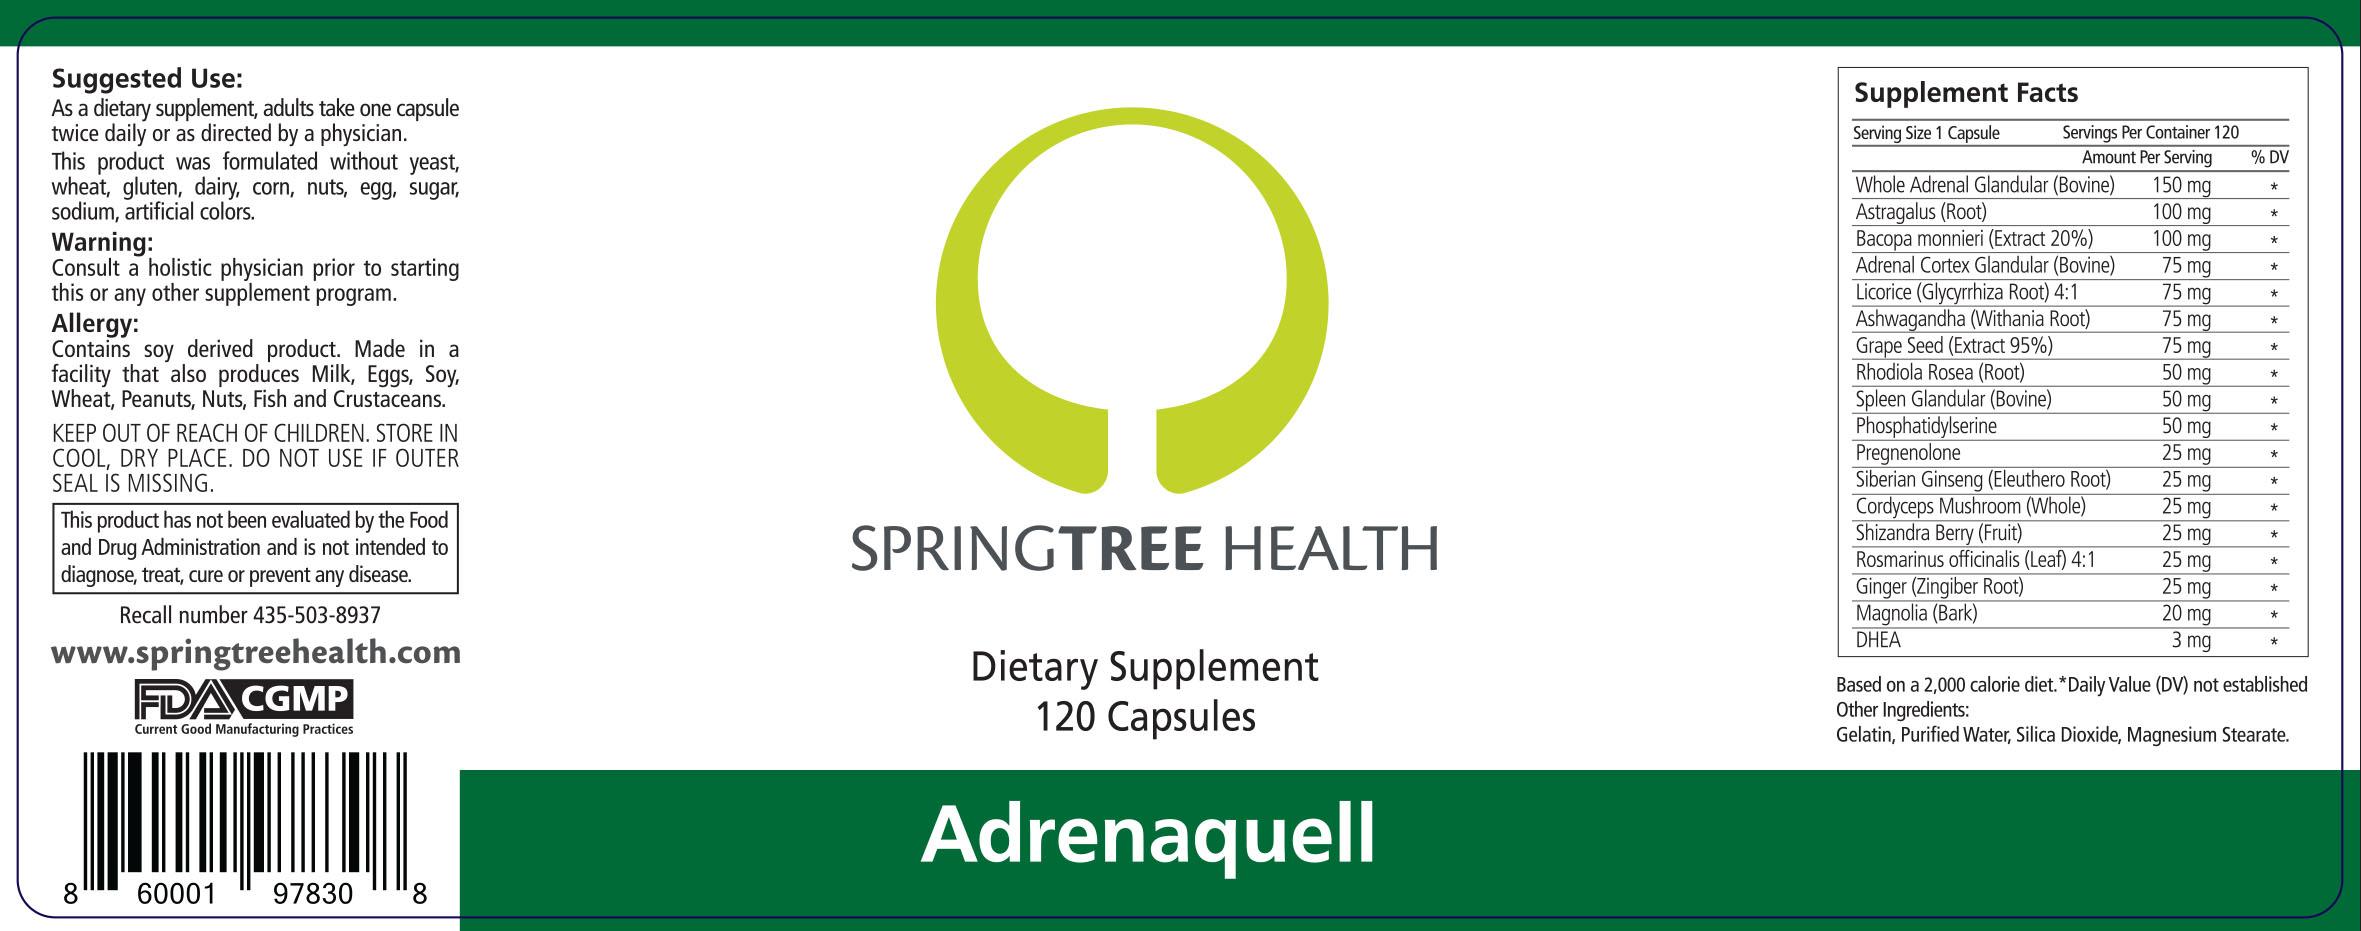 SpringTree_Adrenaquell_print_6.26.18_UPC_short_OL